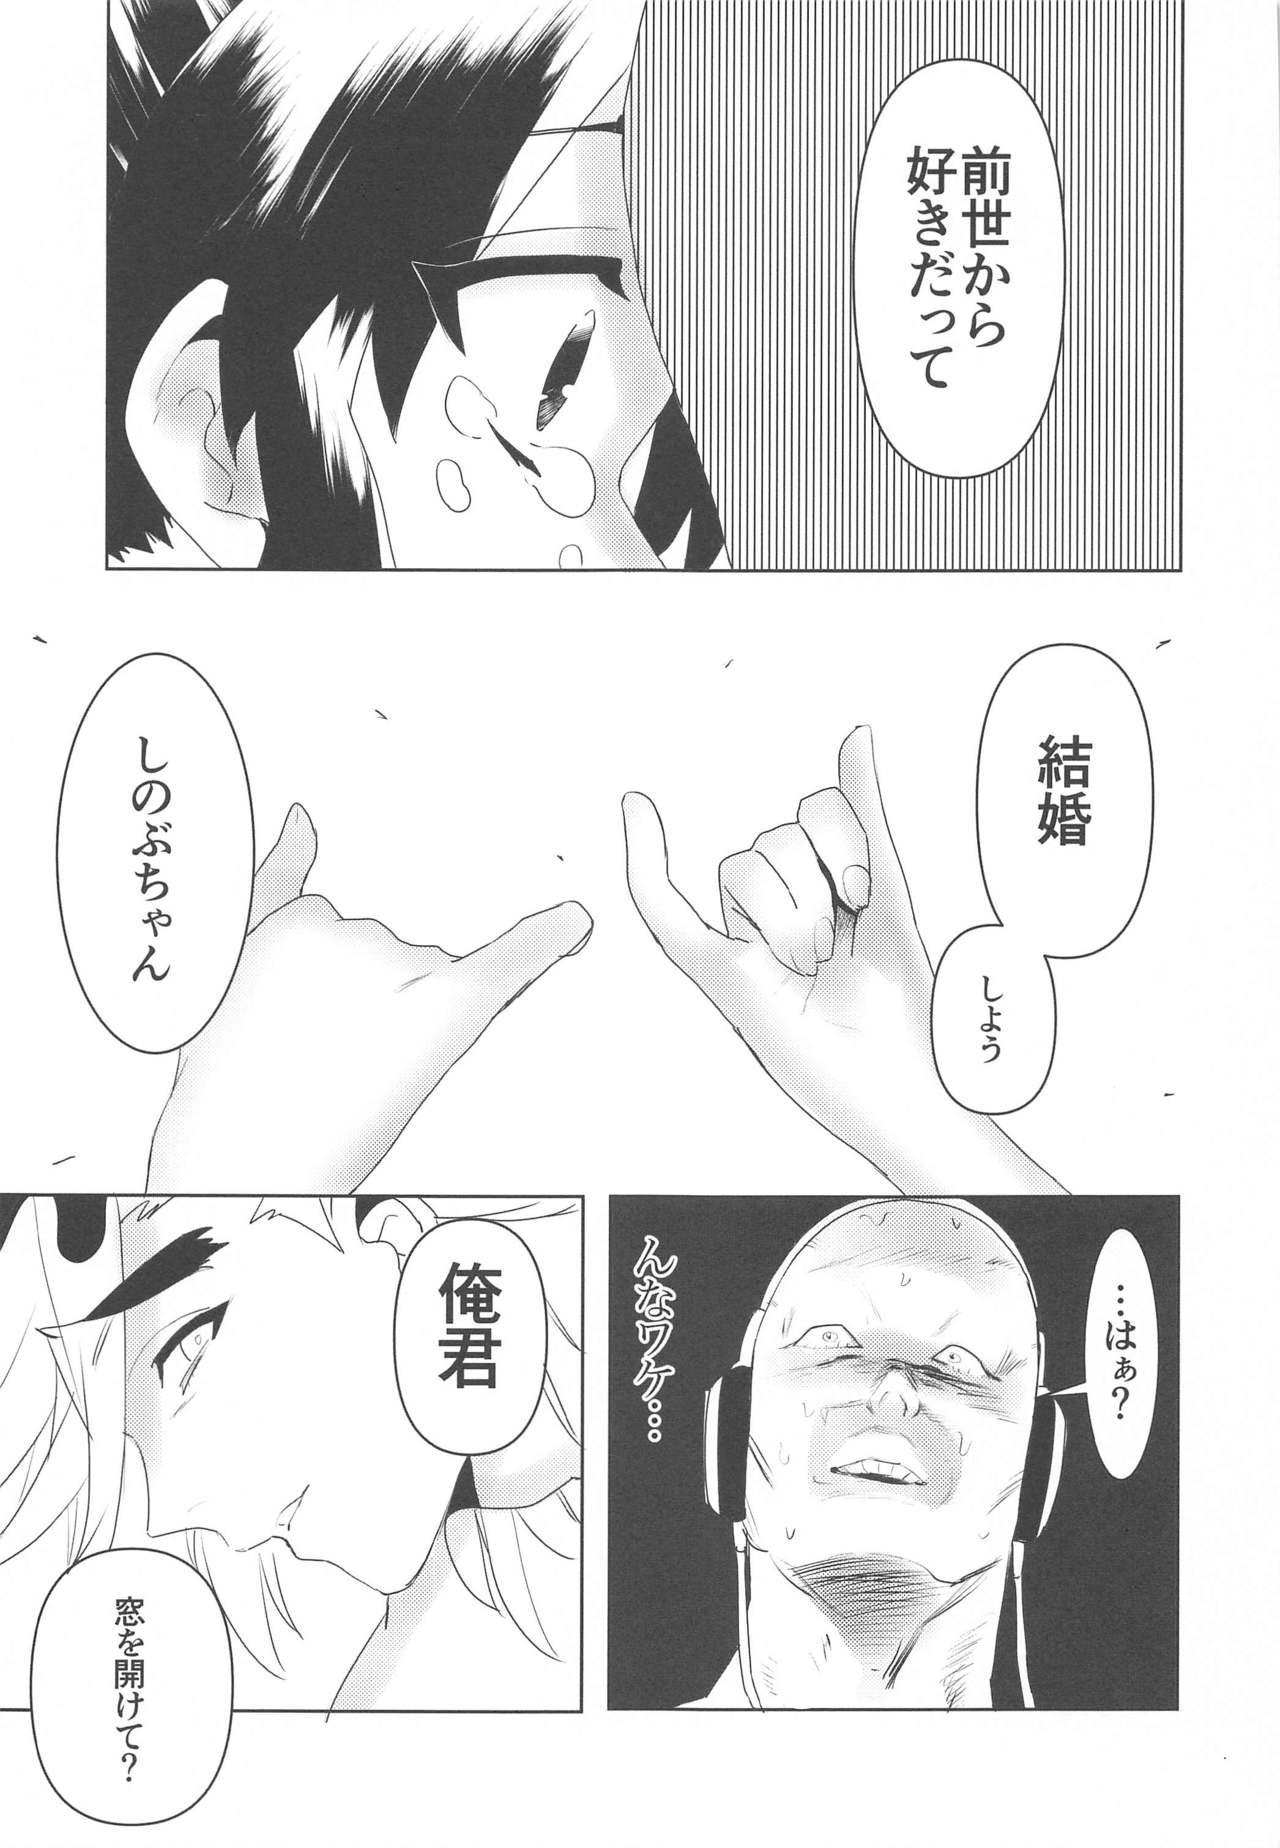 Watashi, Kono Hito ni Otosaremashita. 23